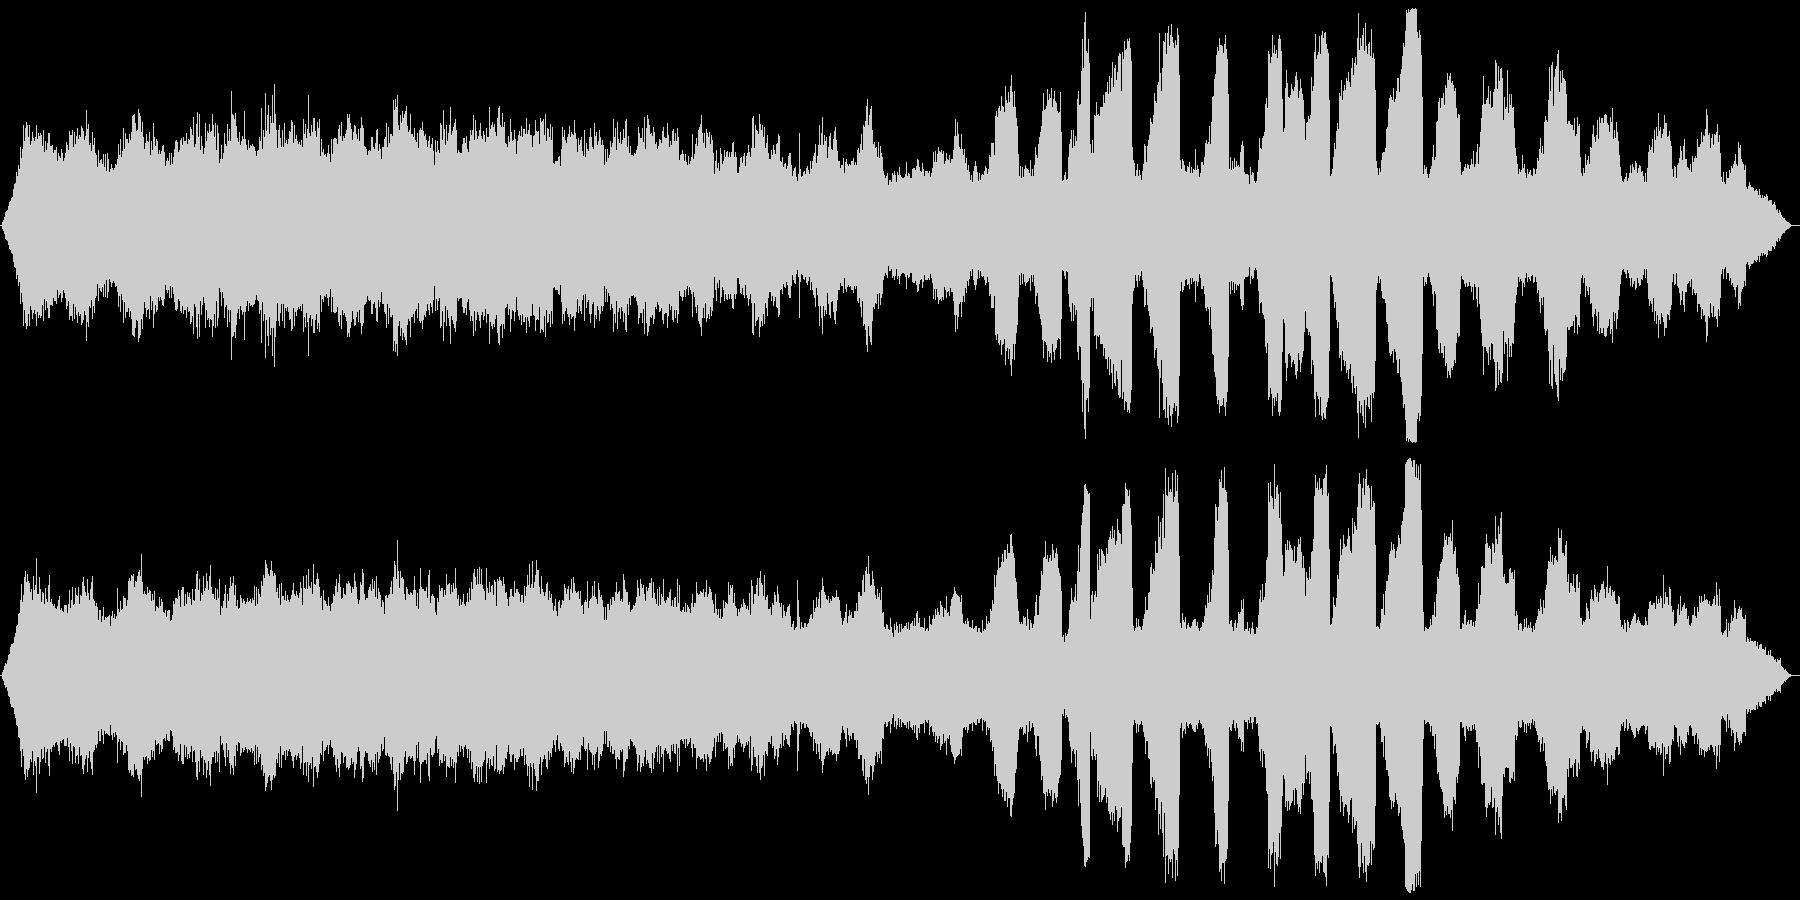 ミーンミーン 北海道の蝉 音景色 その1の未再生の波形